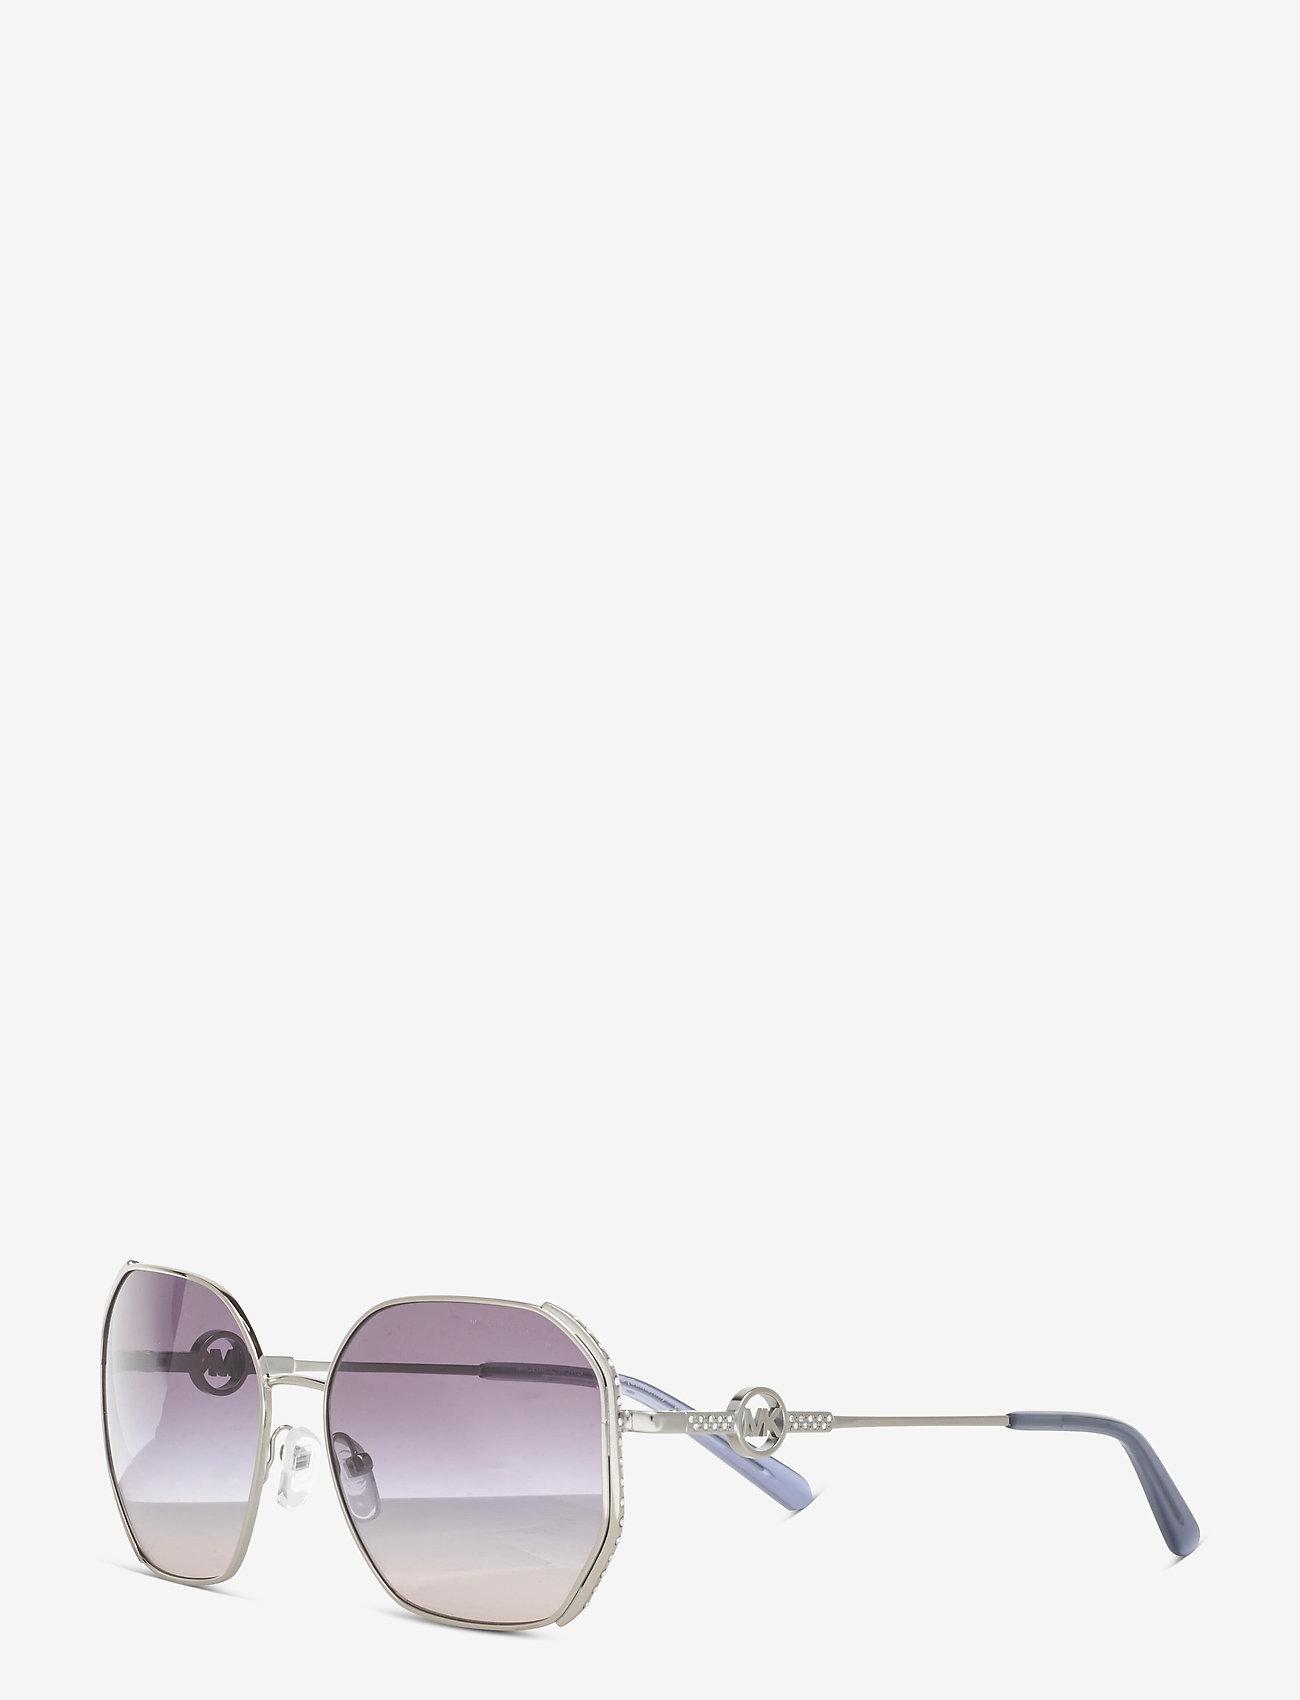 Michael Kors Sunglasses - SANTORINI - rechthoekig model - navy pink gradient - 1